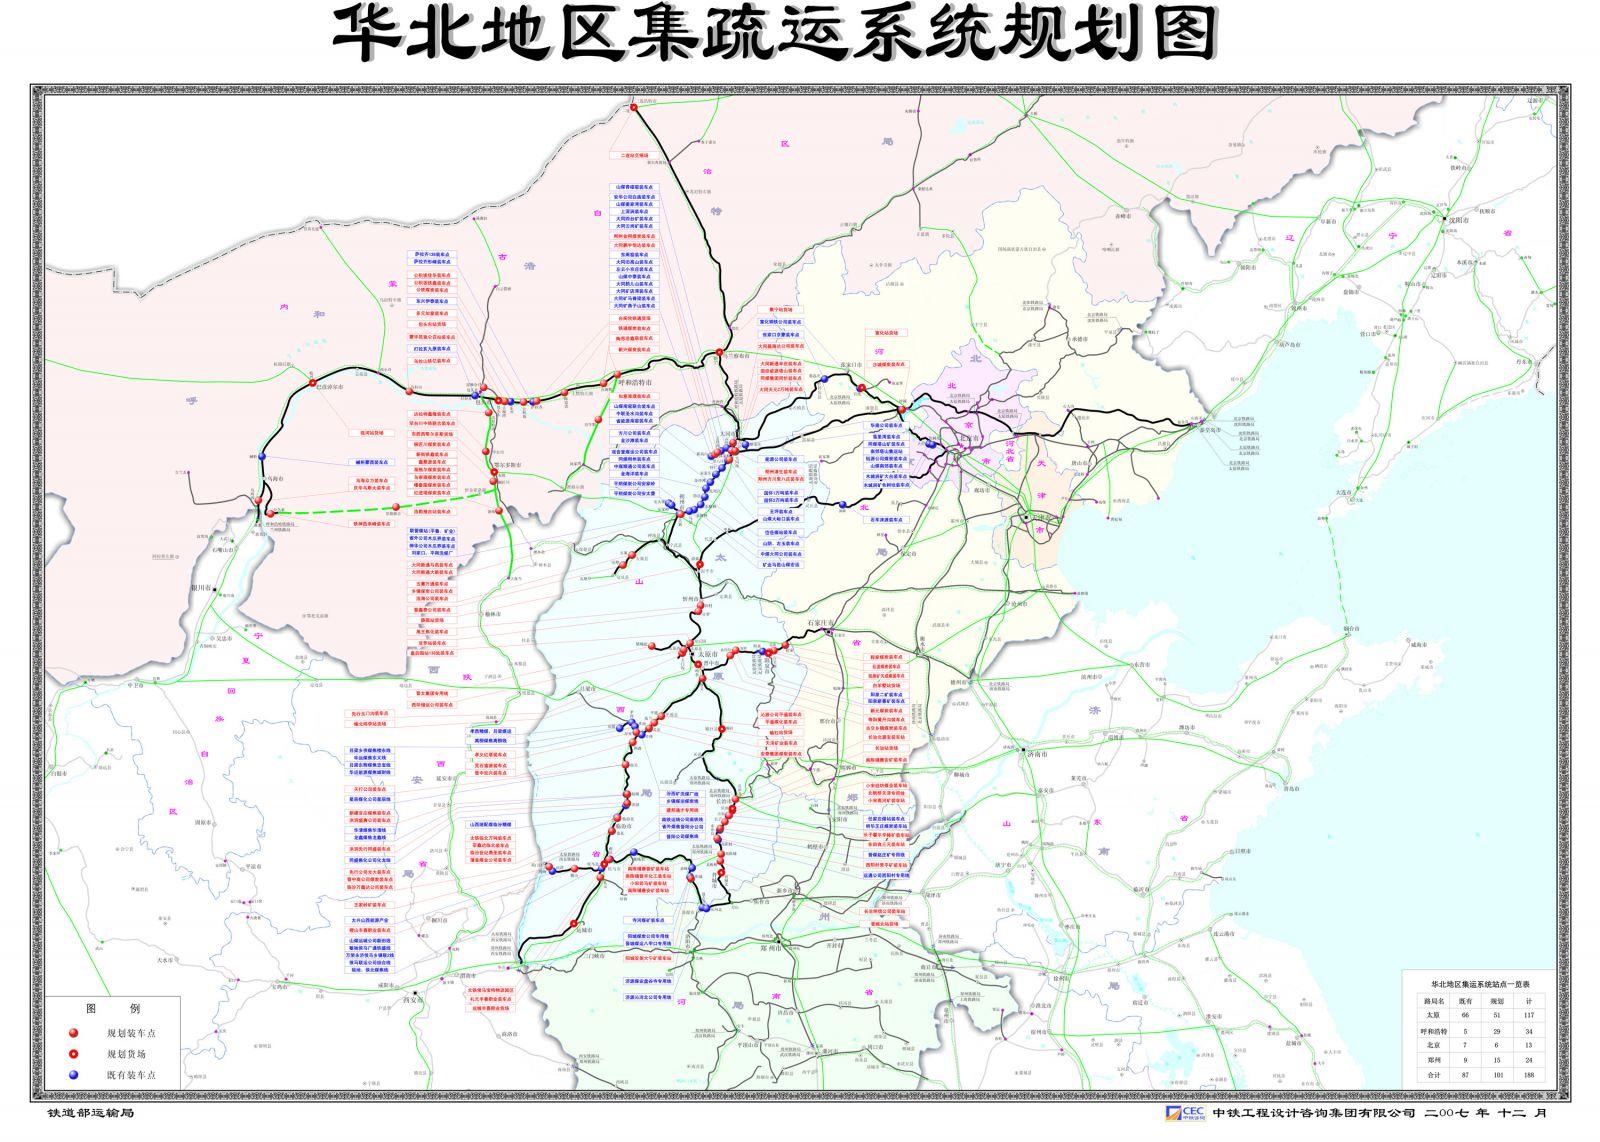 华北地区集疏运系统工程研究